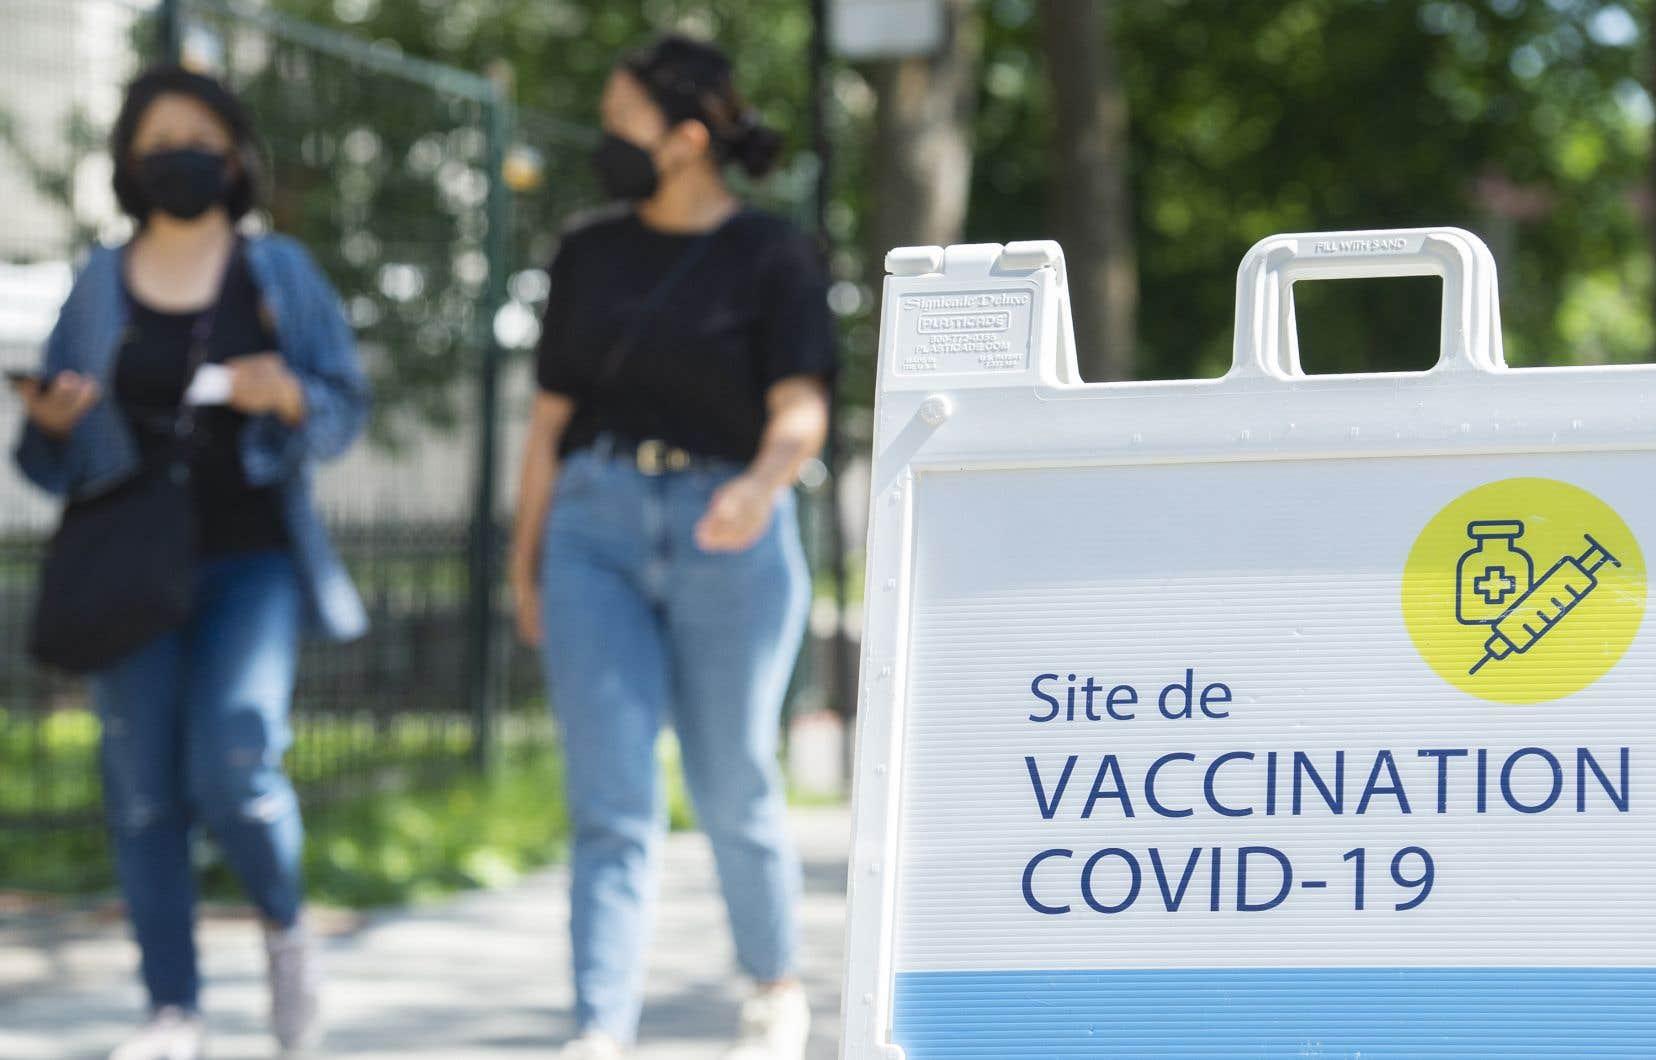 Selon de nouvelles données du ministère de la Santé, 1,2 million de personnes vaccinées sont inscrites au concours.